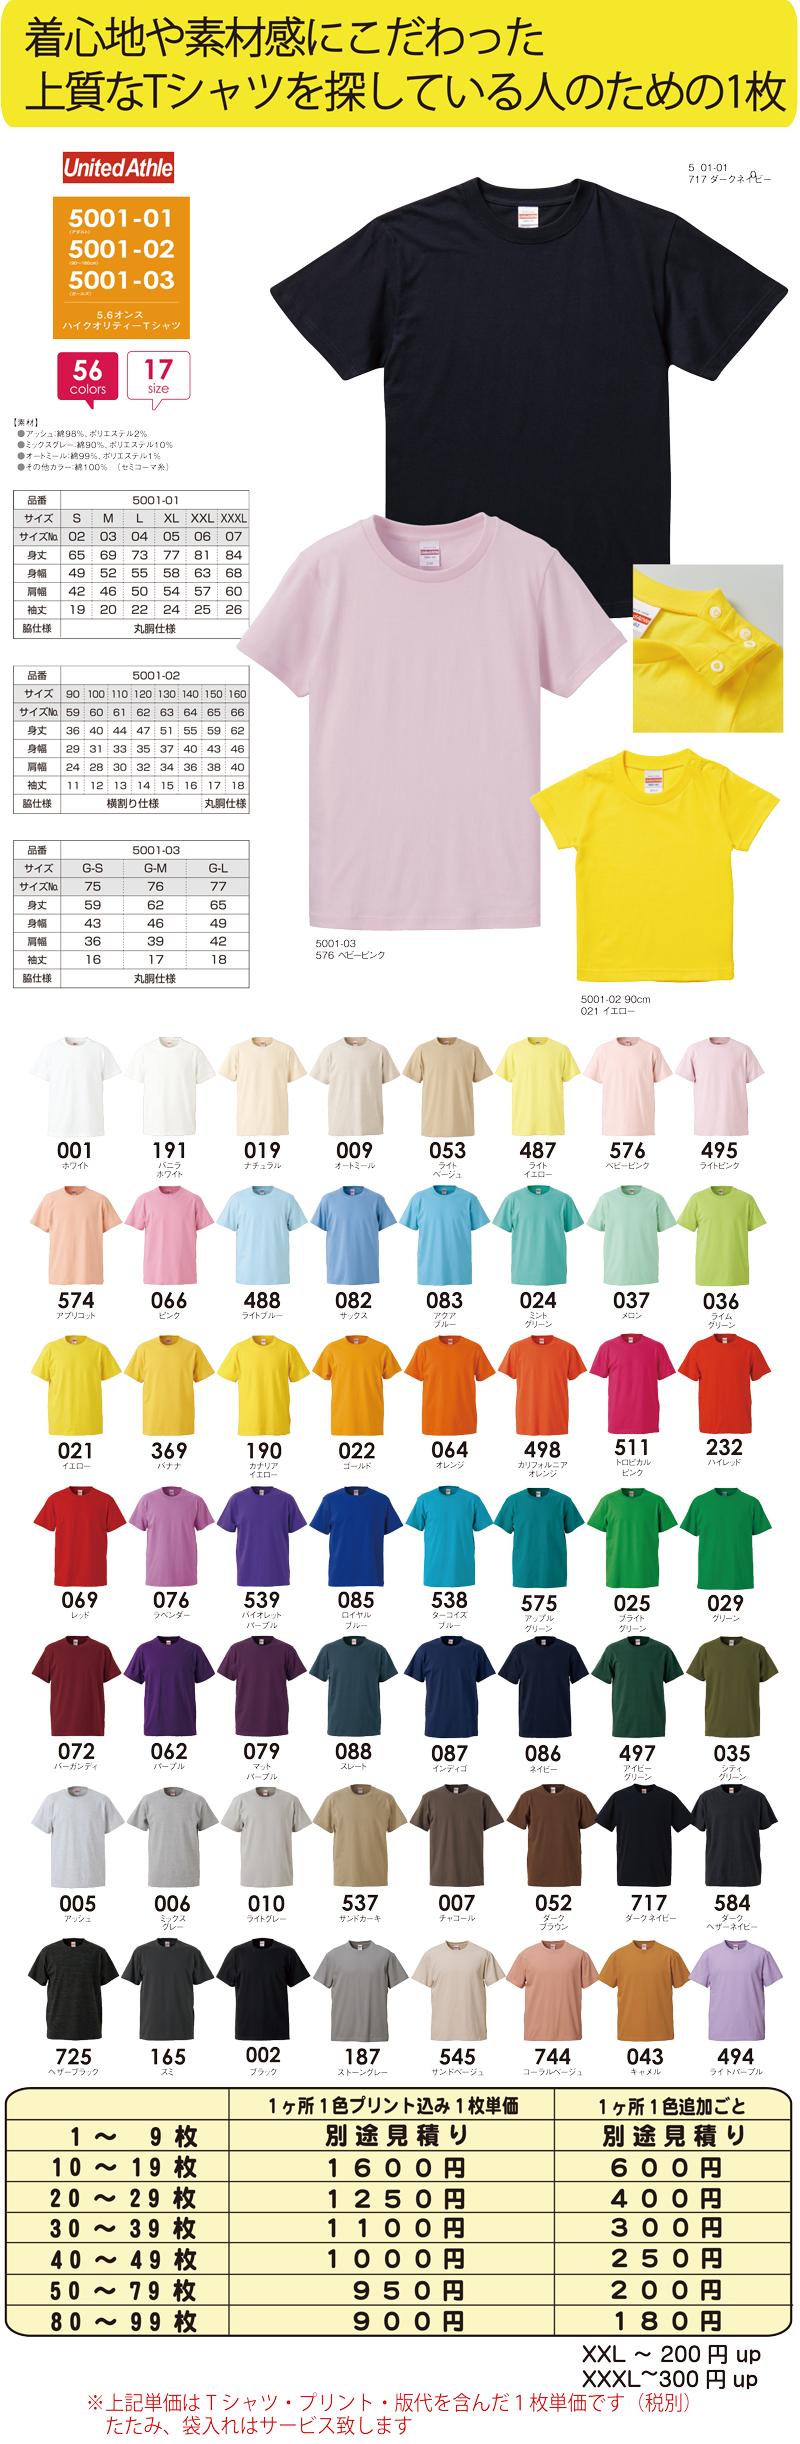 スリービー Tシャツ 5001